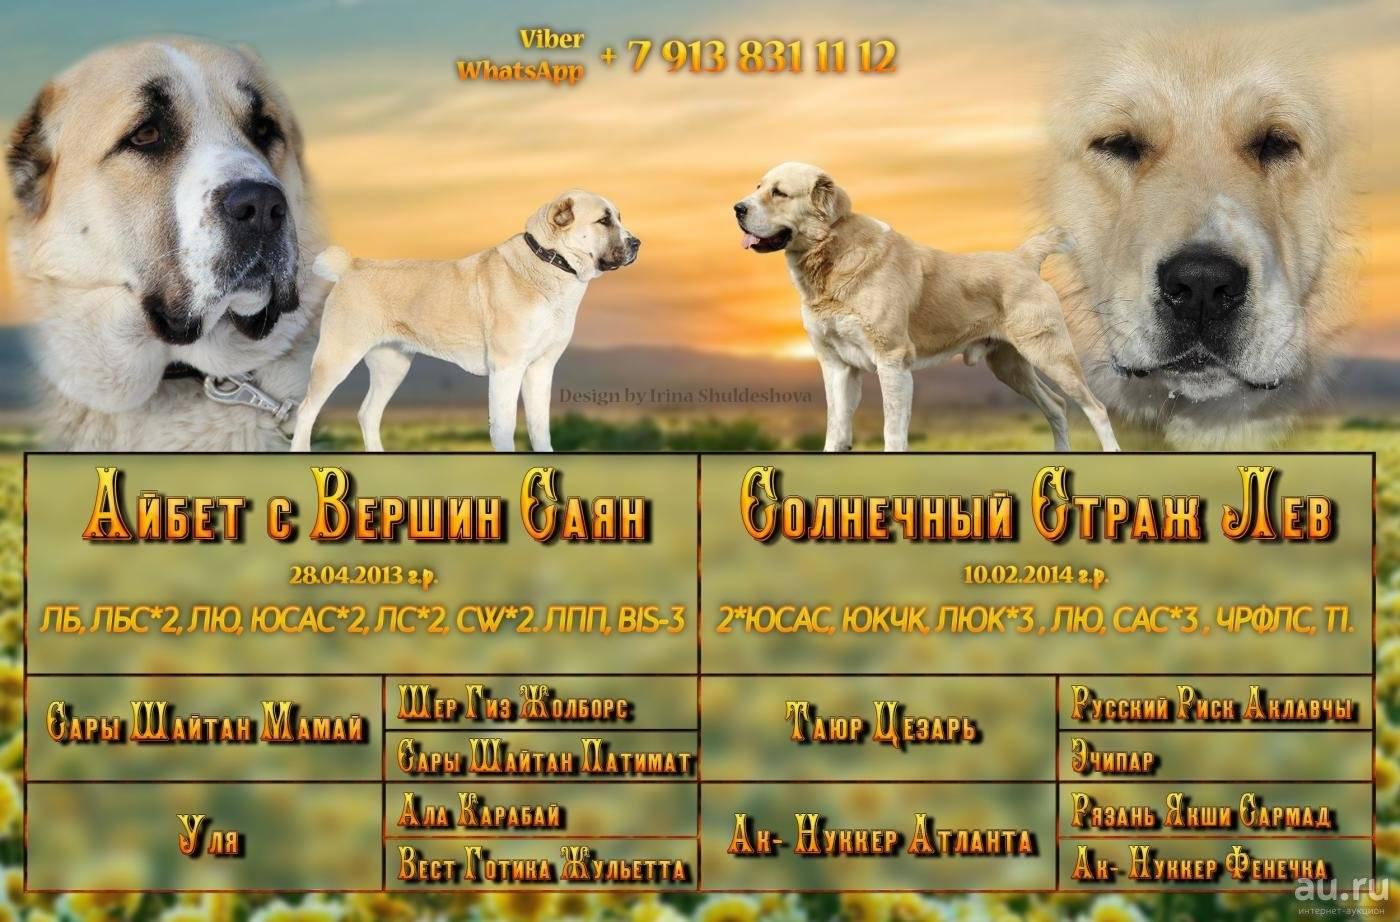 Клички для маламута: традиционные, необычные и интересные имена для собак, и как назвать мальчика и девочку?